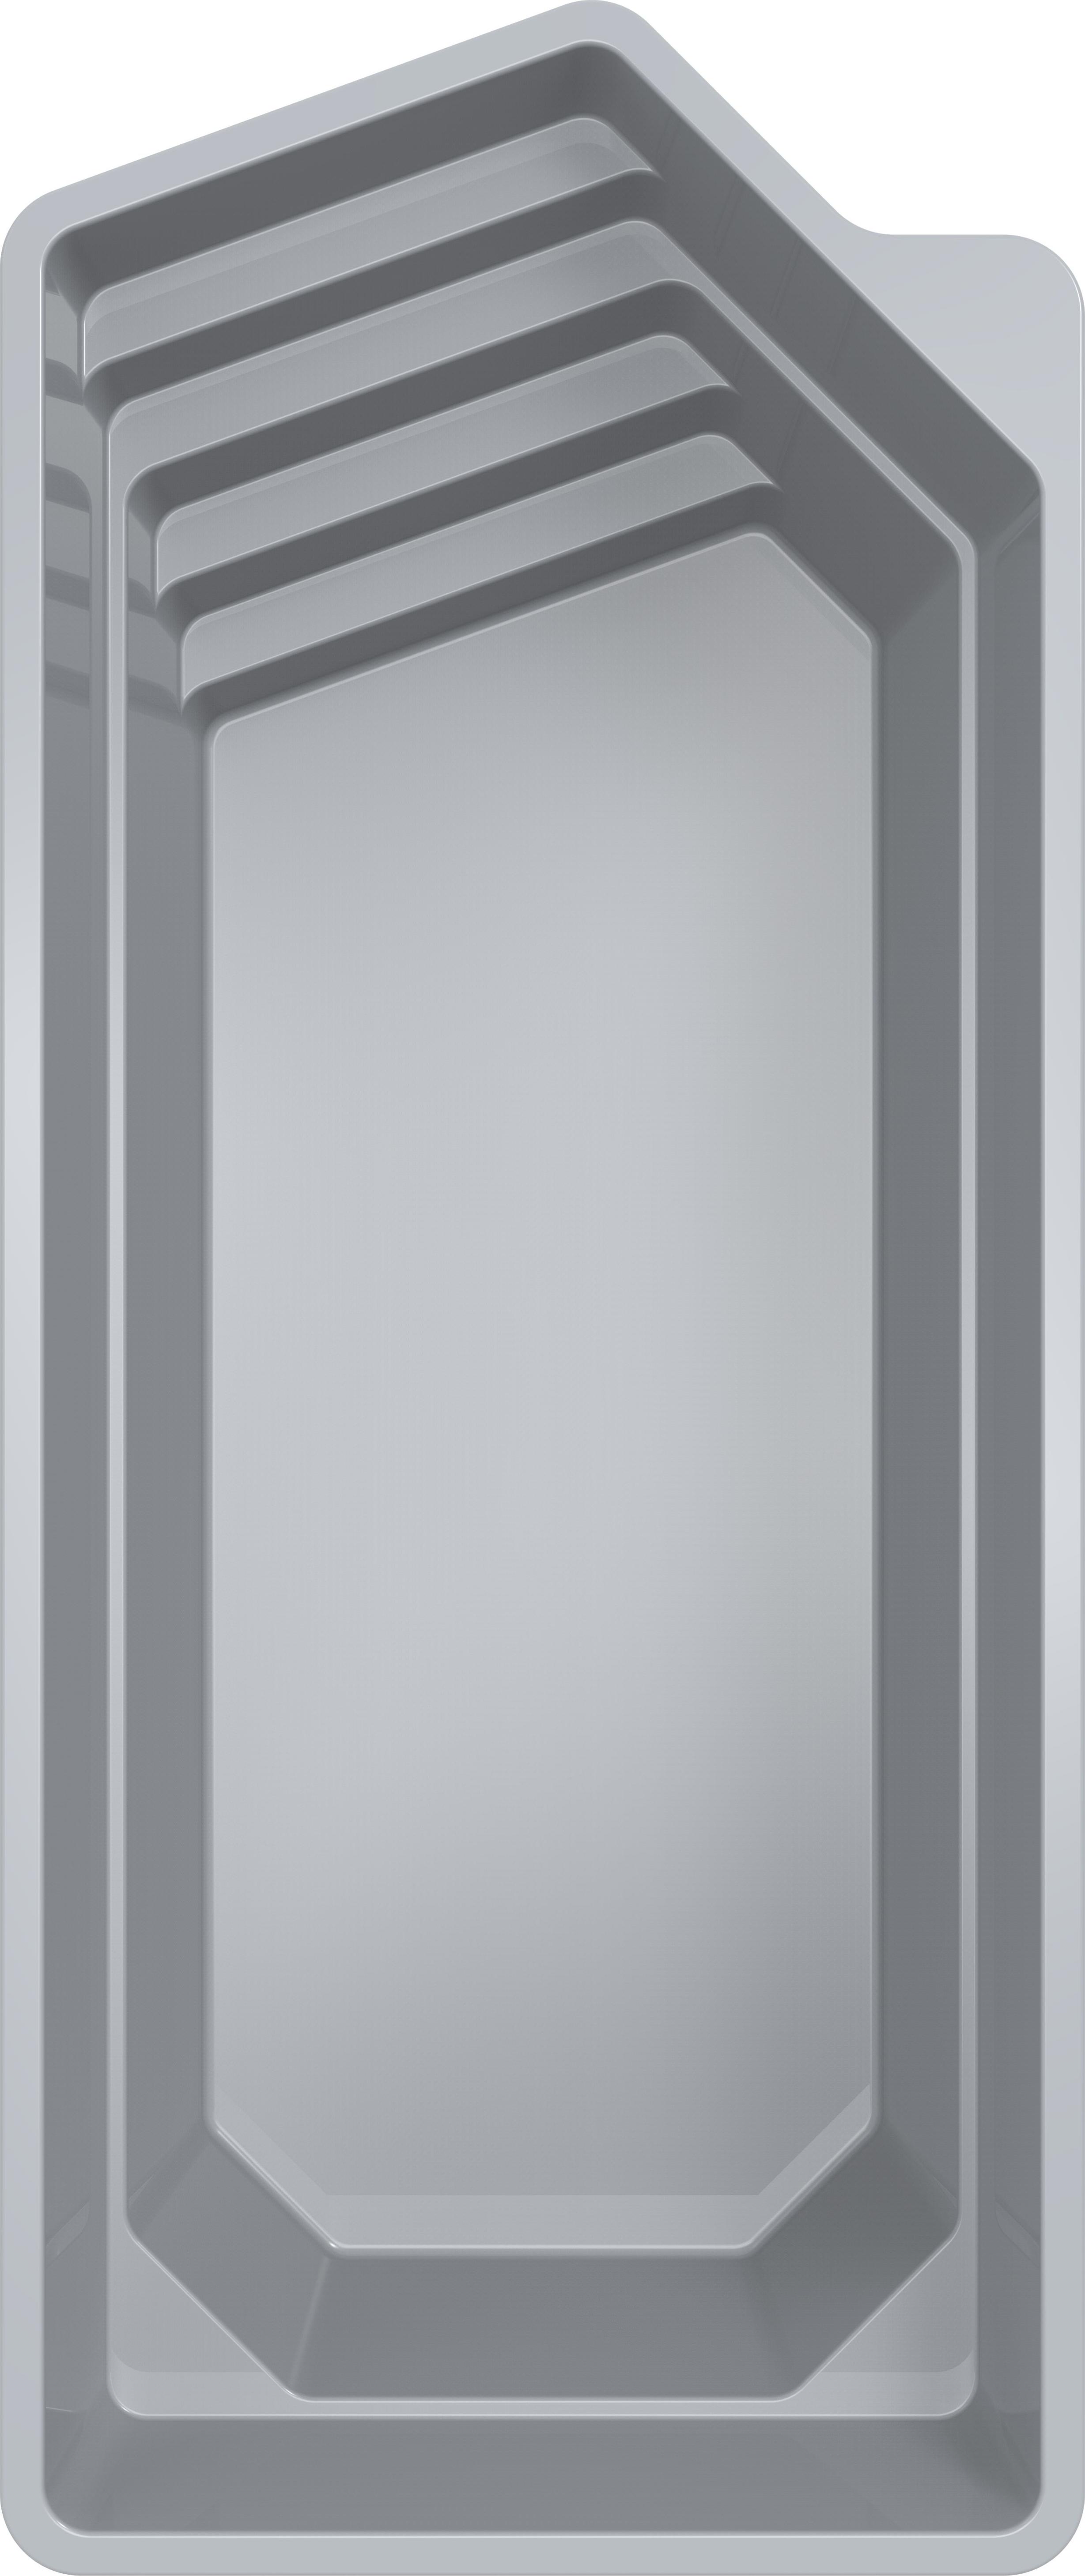 Stiklo pluošto baseinas Gravity